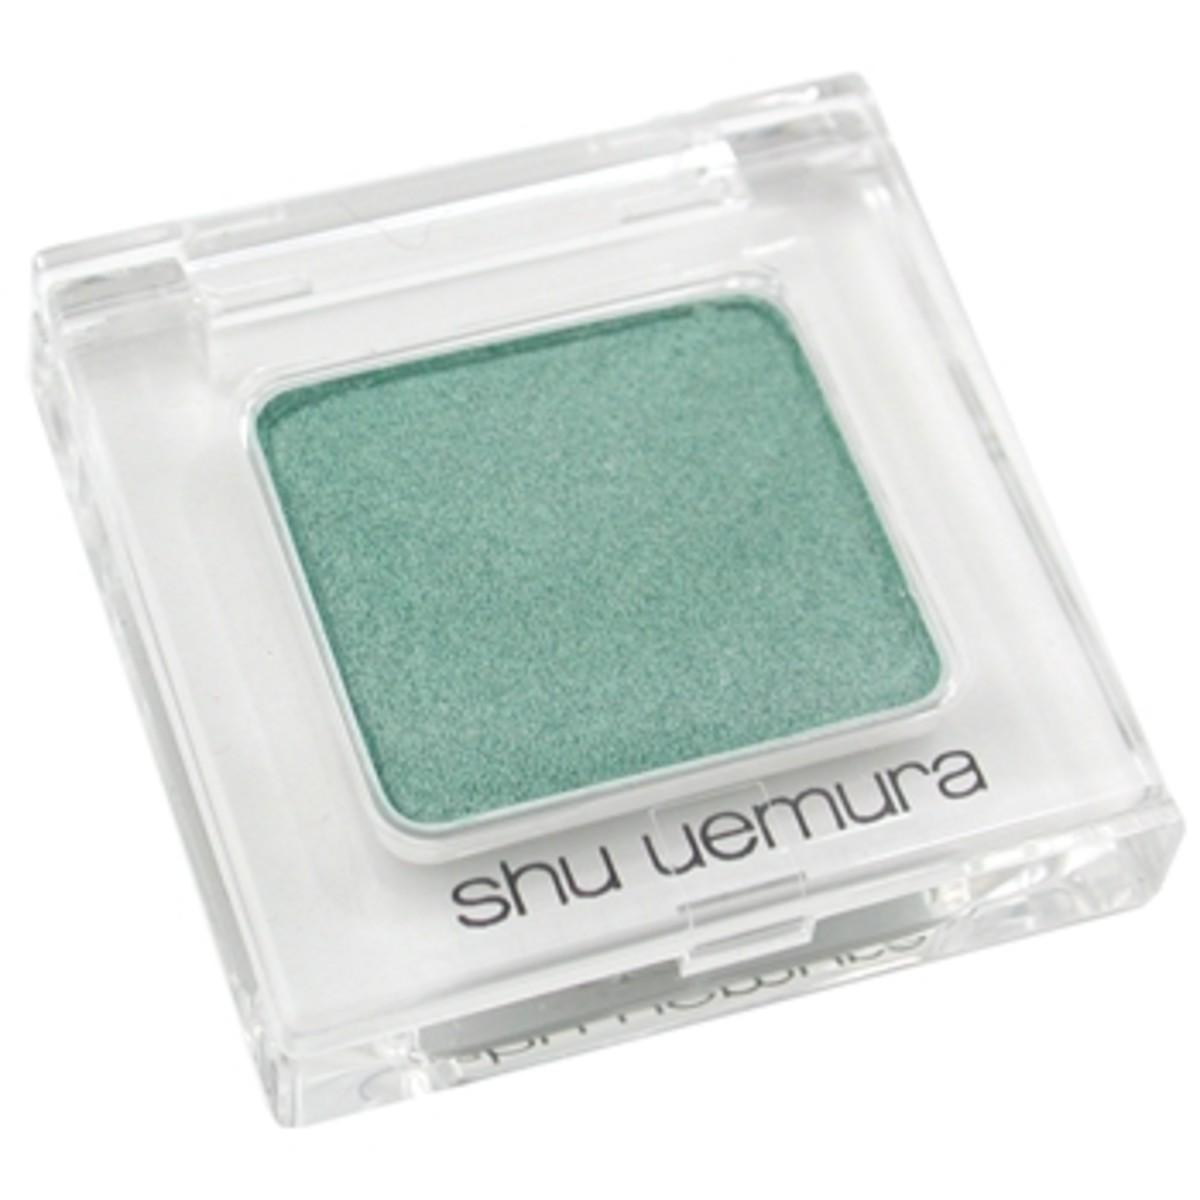 Shu-Uemura-shadow